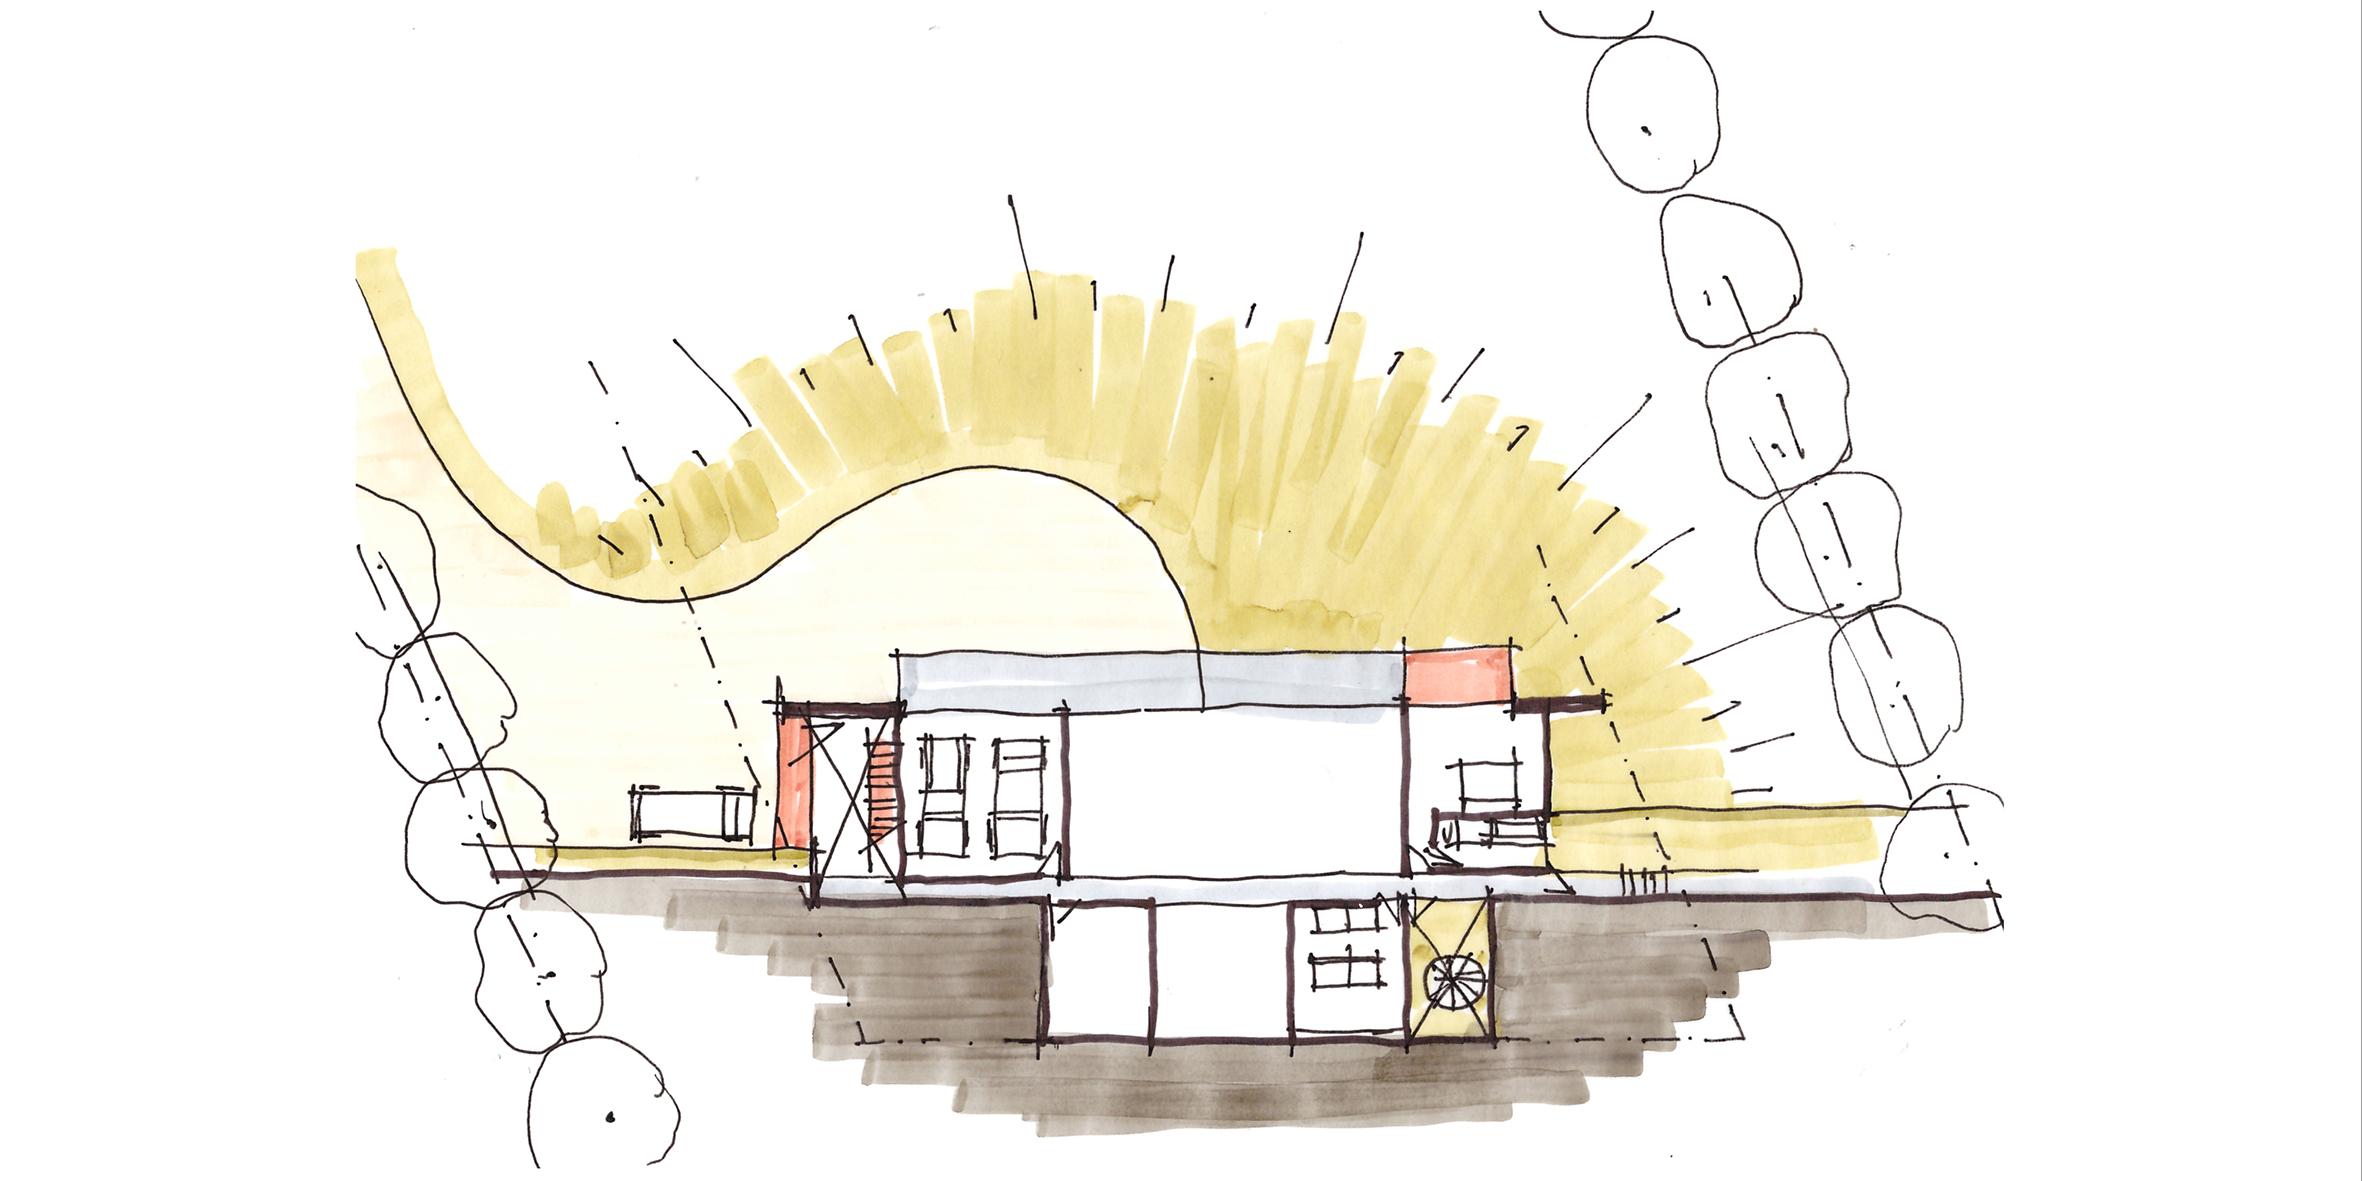 house miglietta, concept site plan